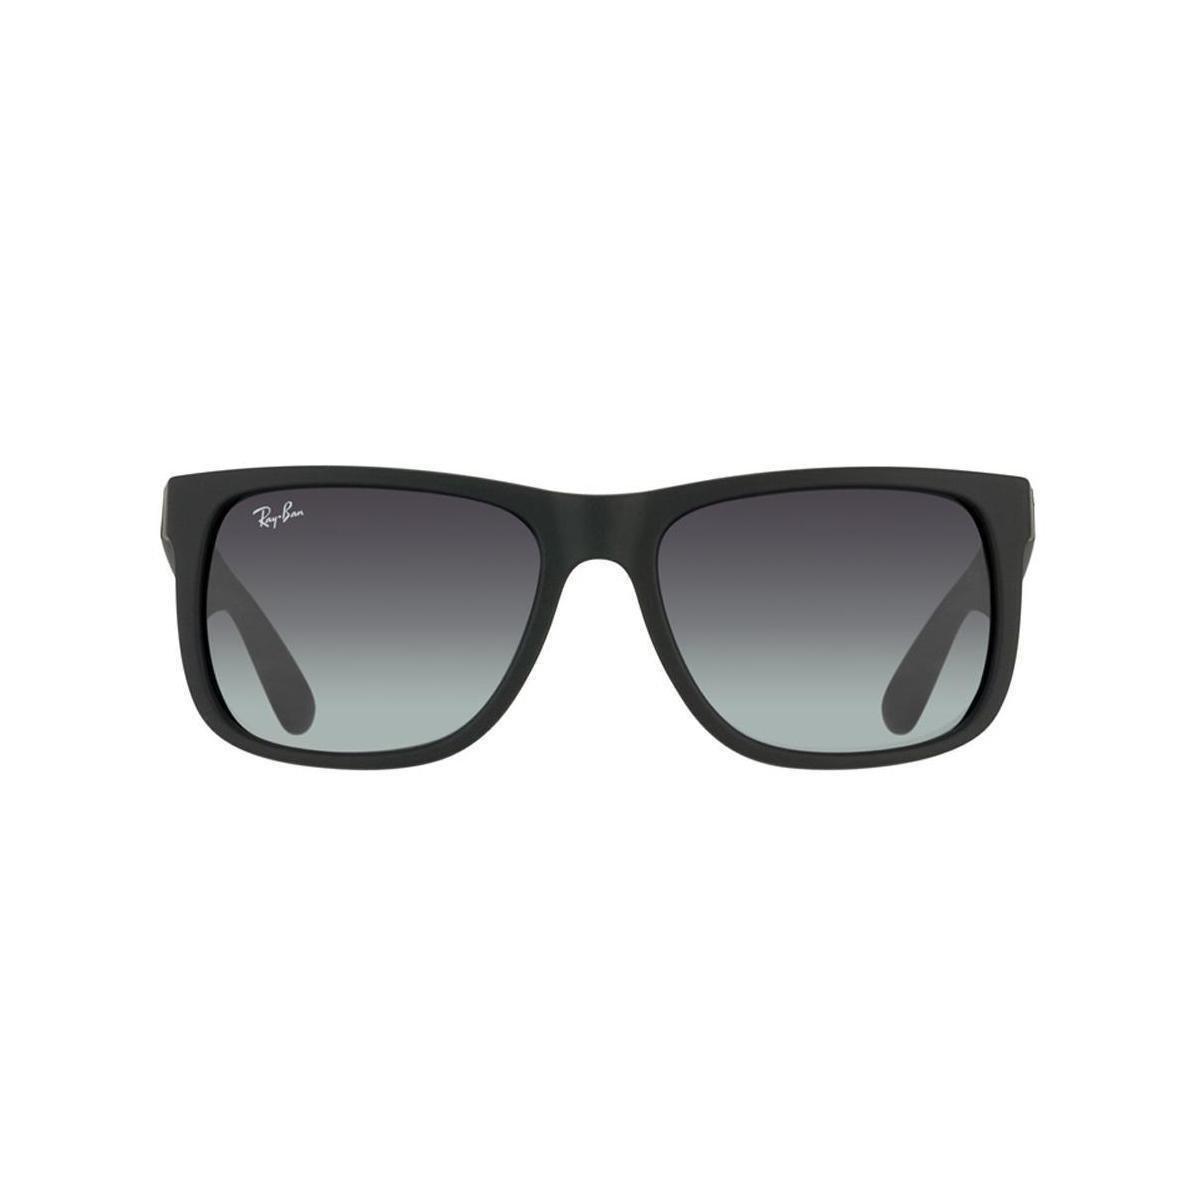 e3f3ad76ecf14 Óculos de Sol Ray Ban Justin - Preto - Compre Agora   Netshoes